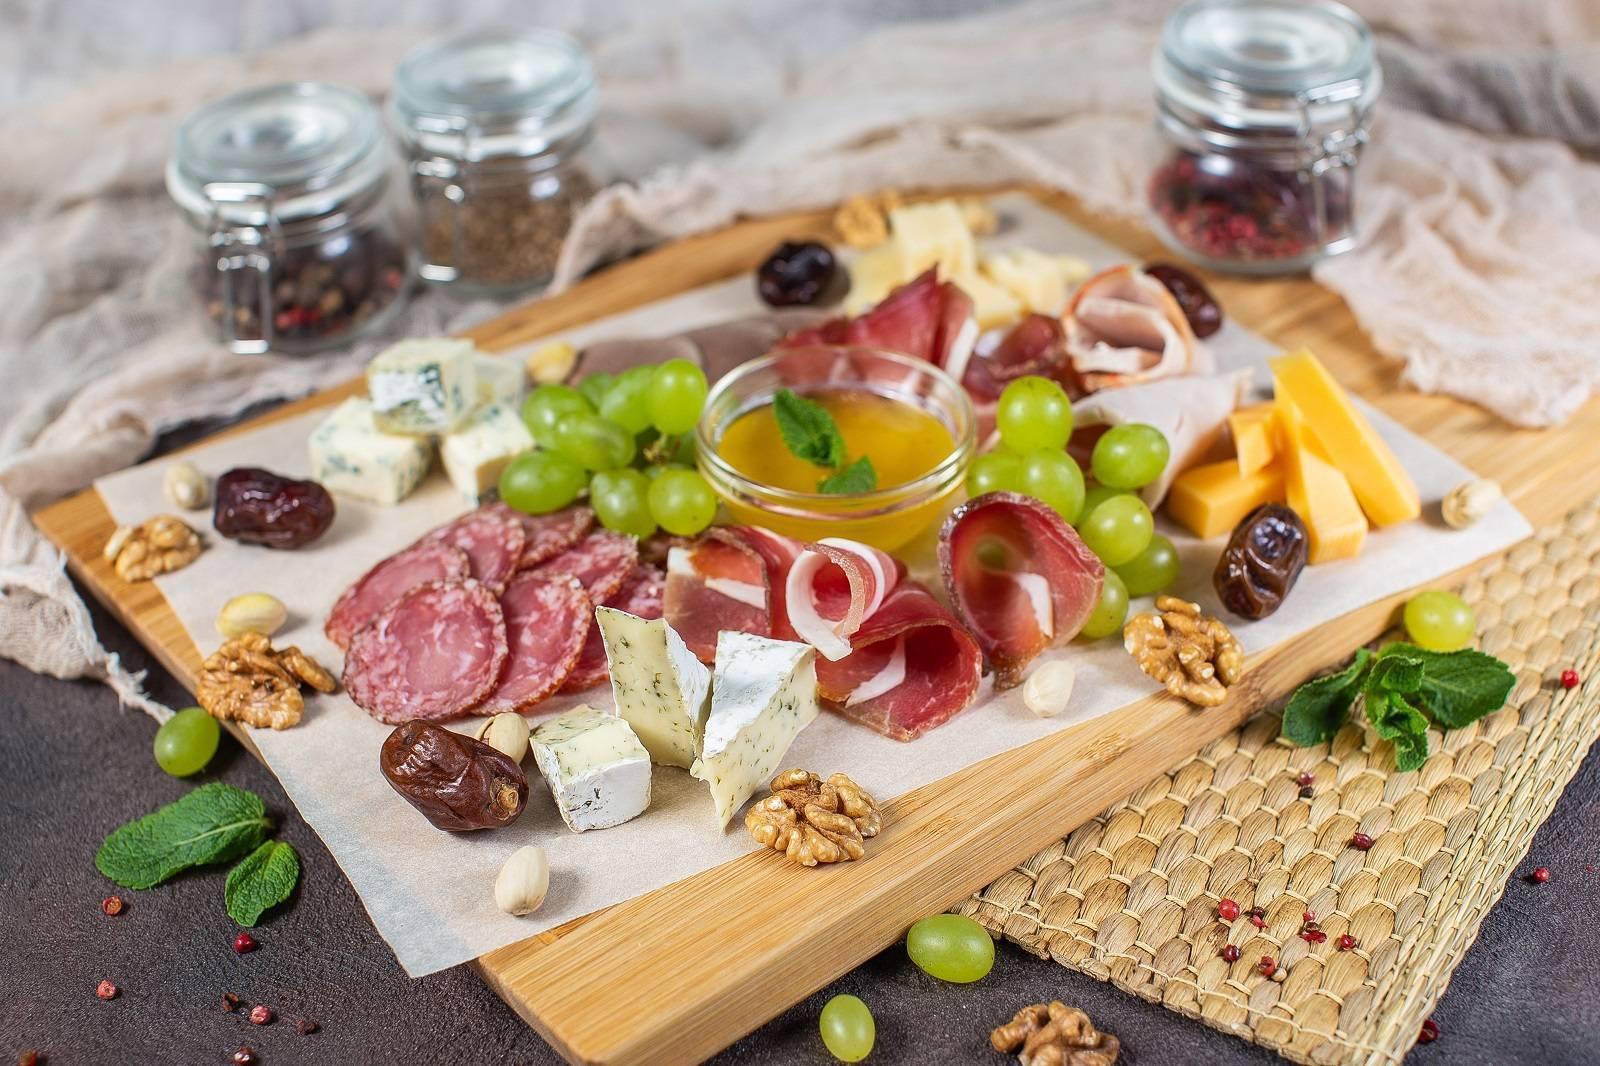 Низкокалорийная закуска к вину: тонкости выбора продуктов